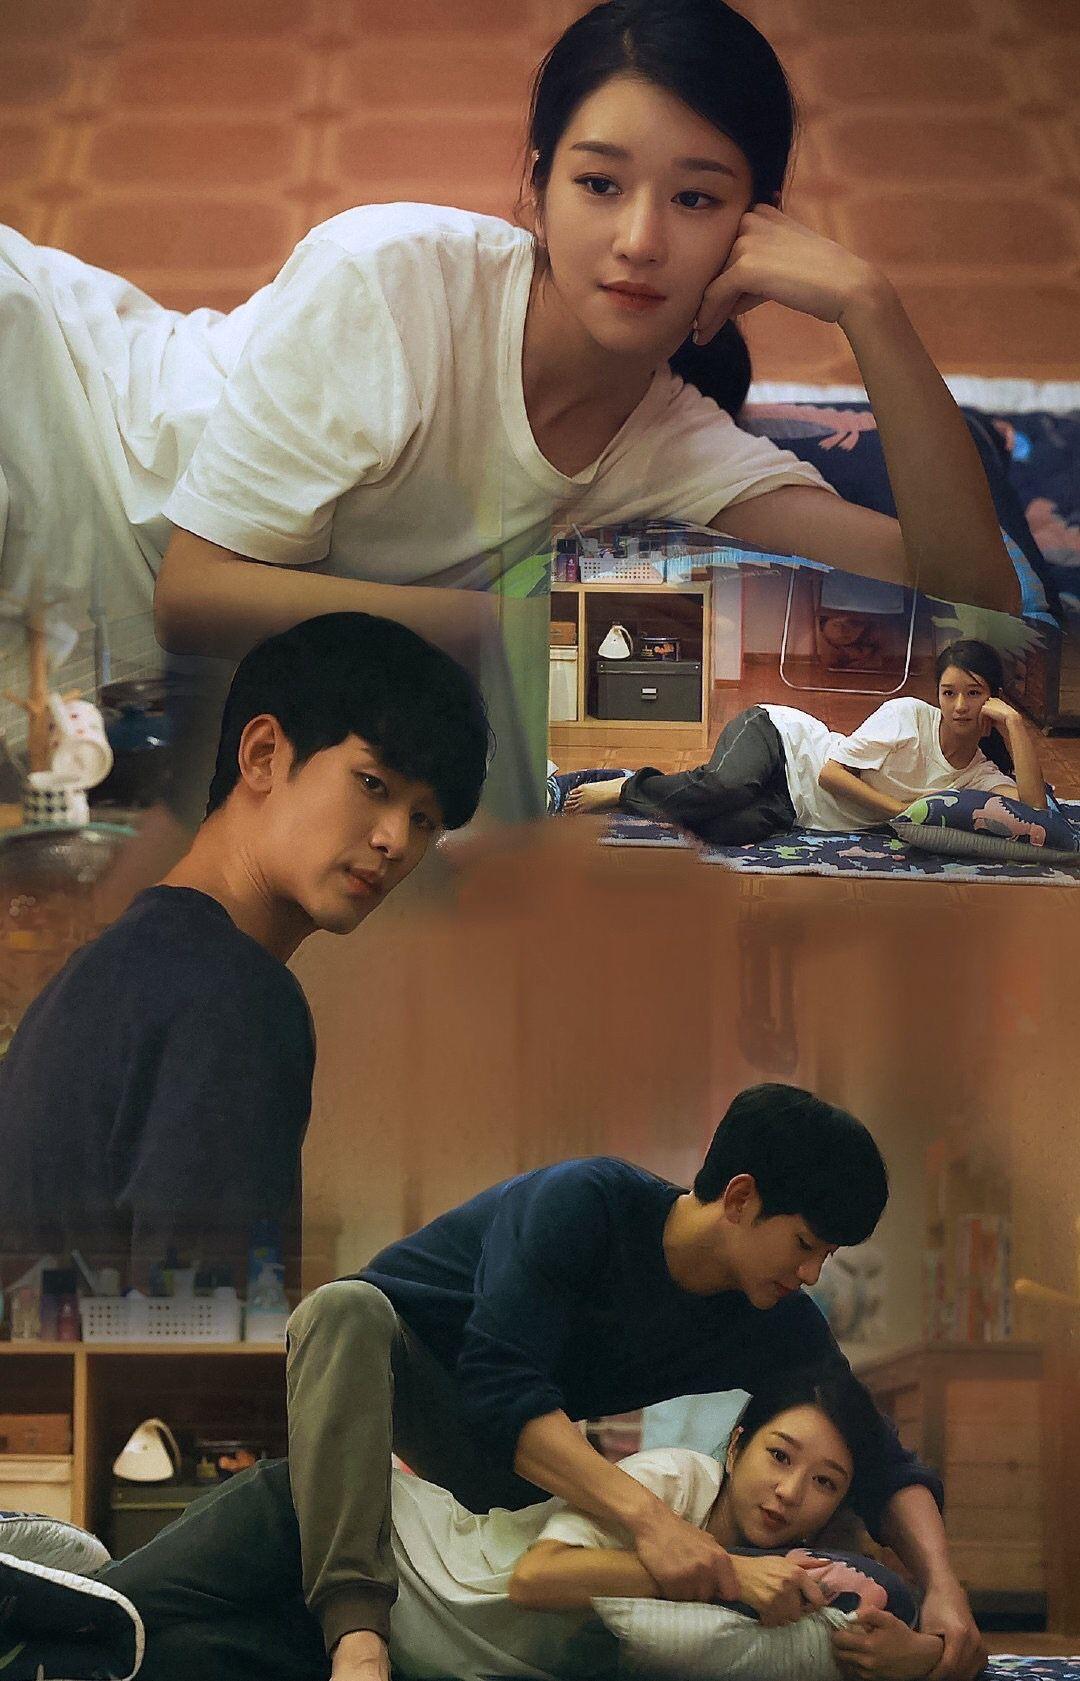 Pin on ♡♡♡Korean Dramas/Movies/Romantic comedies